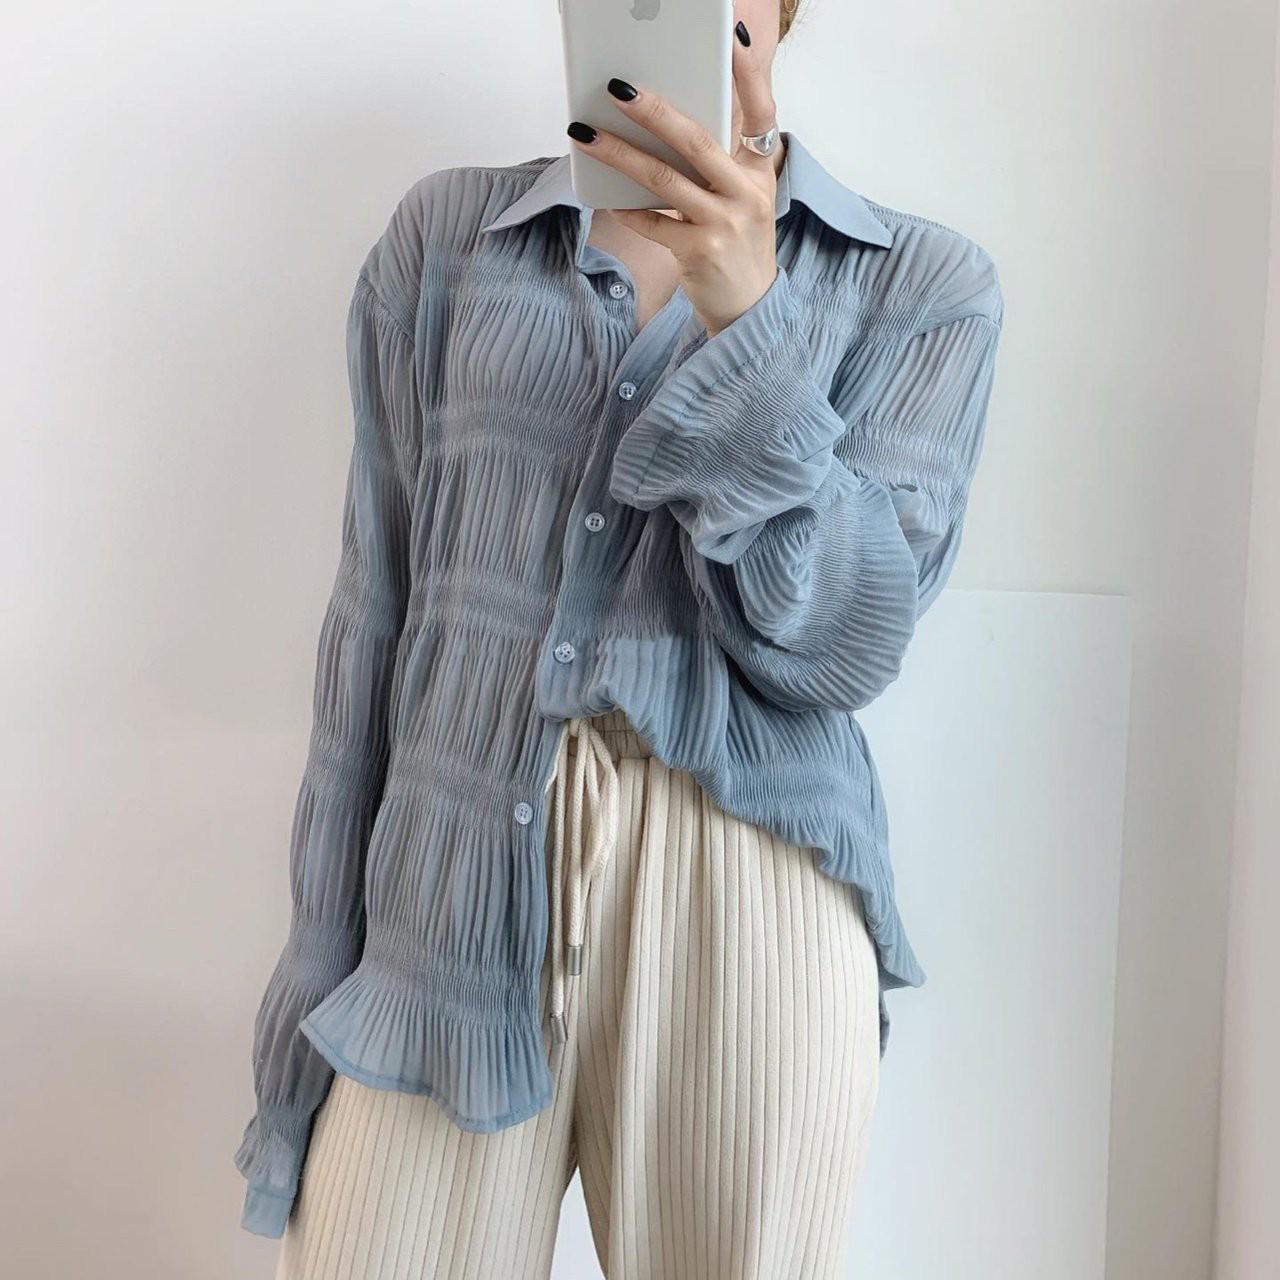 雪纺衬衫两件套女2019新款韩版复古荷叶袖超薄原宿压褶衬衣